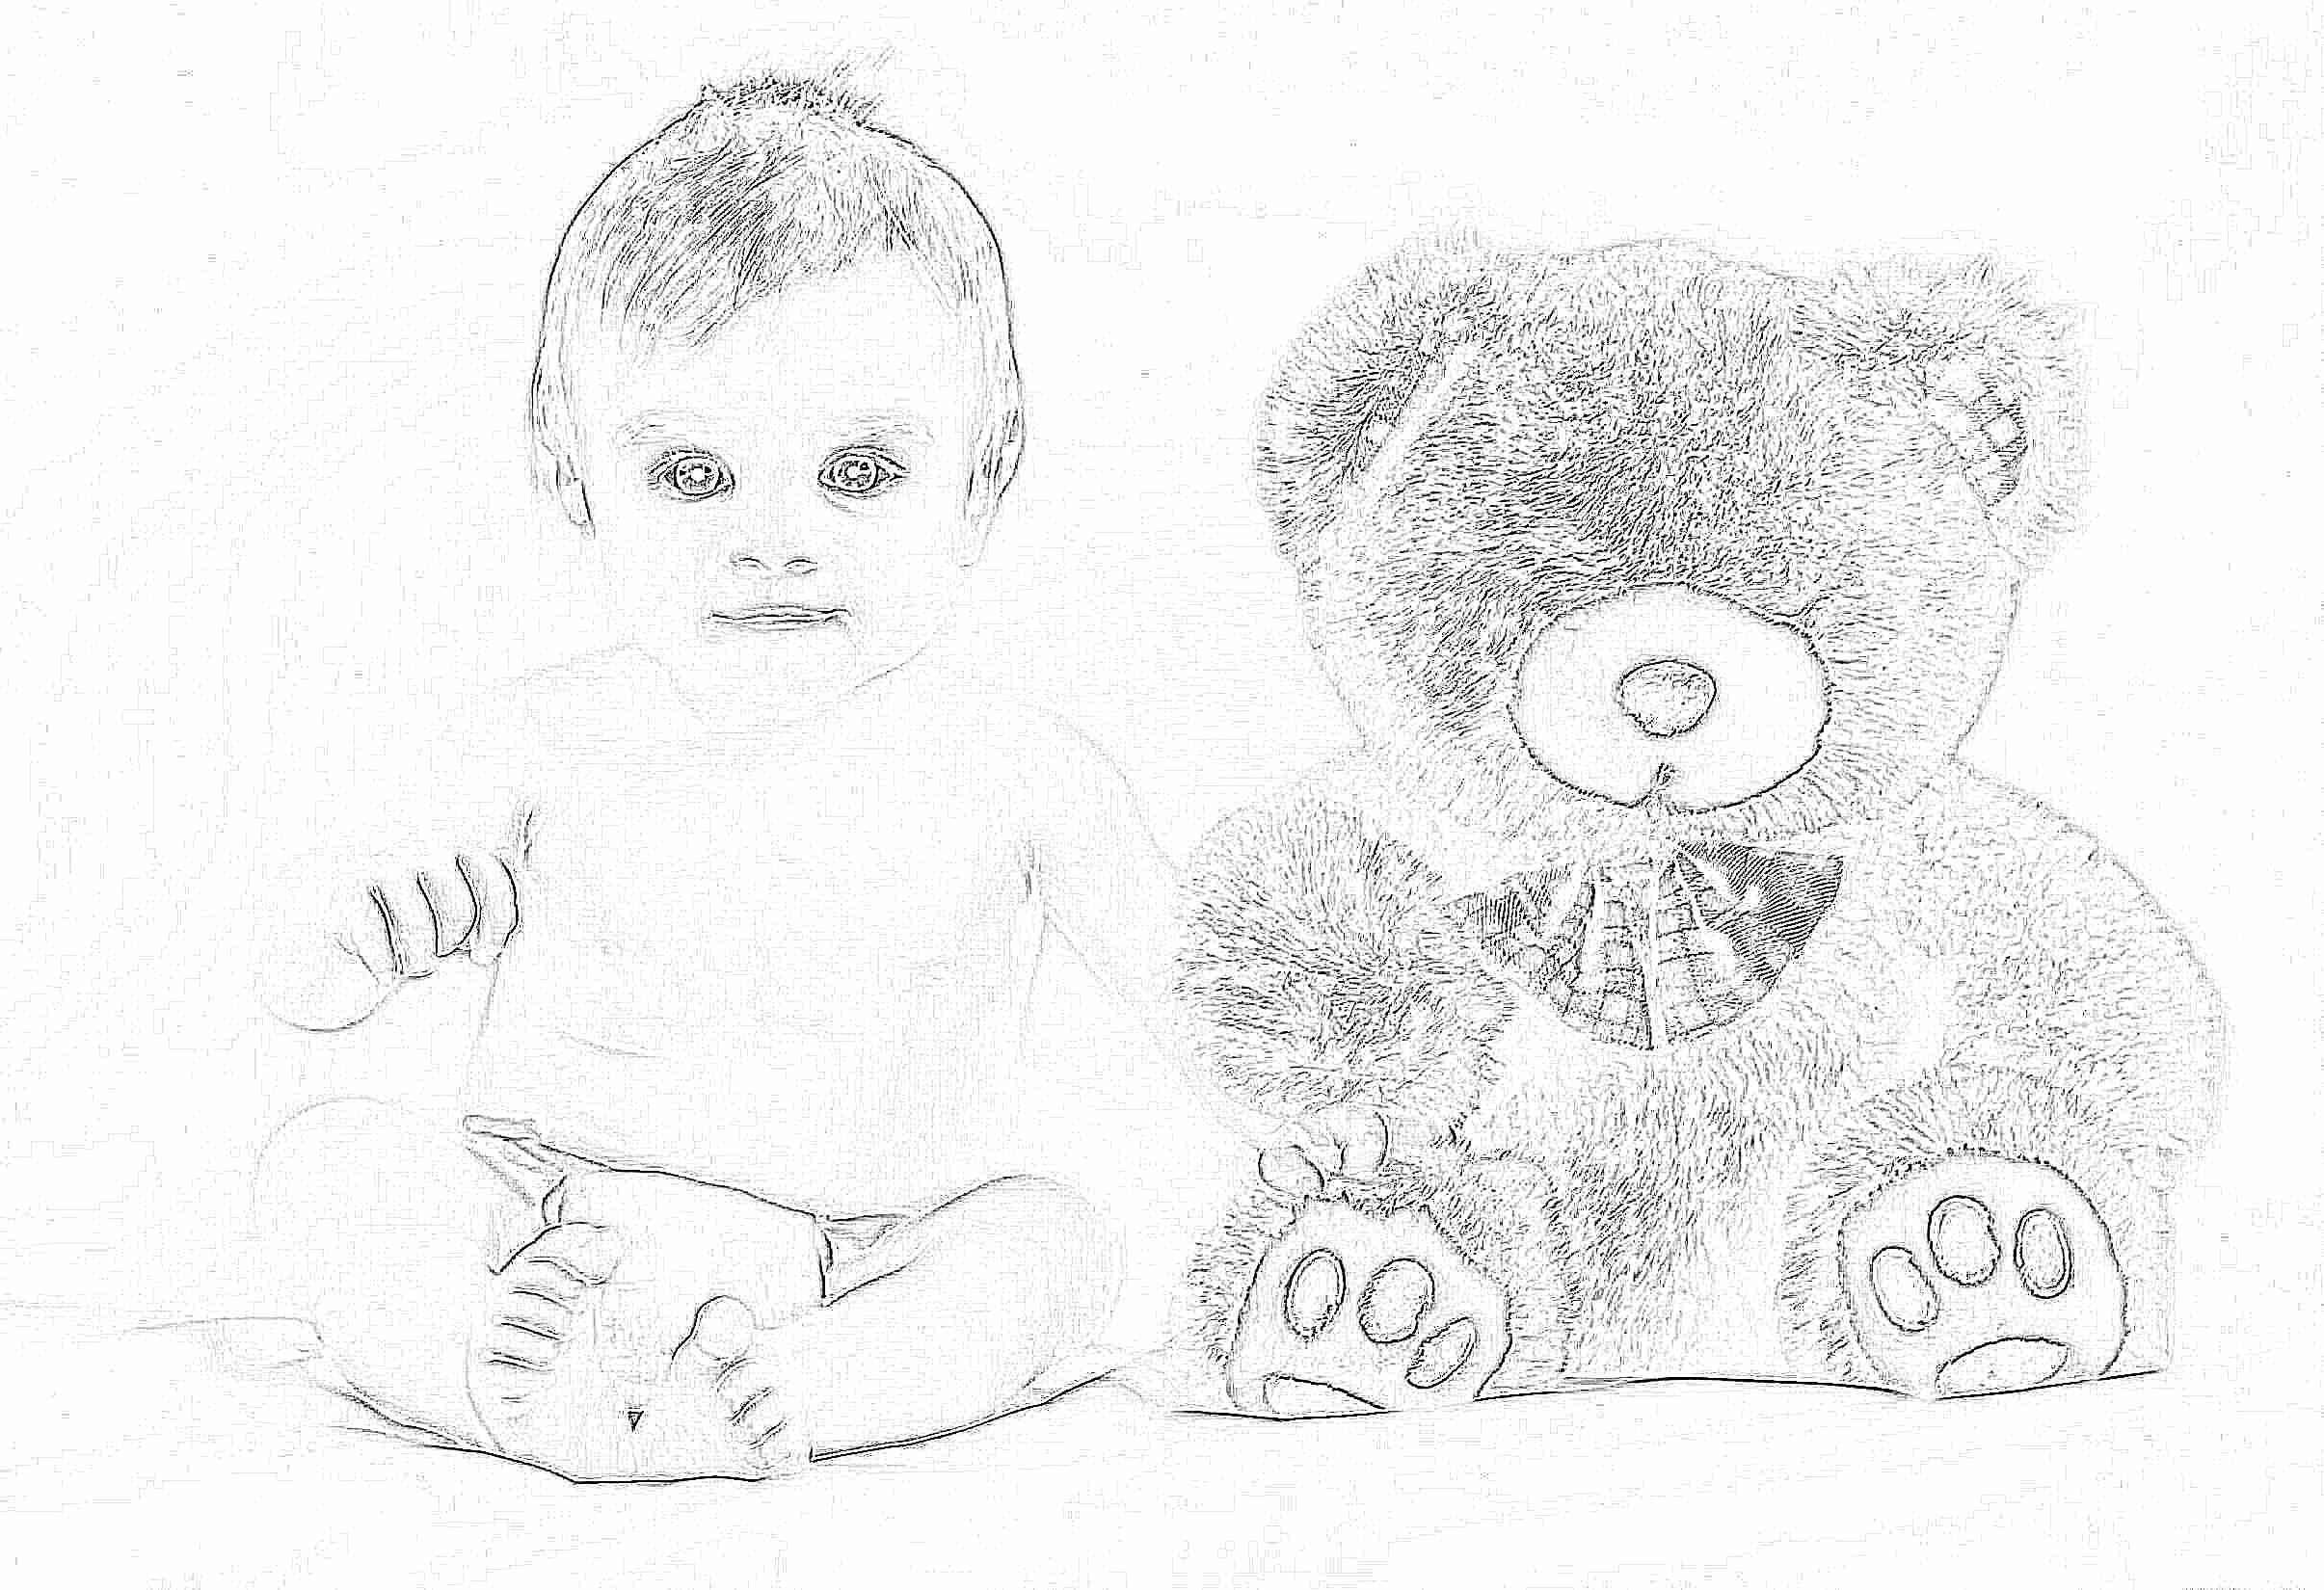 Лимфоузлы на затылке у ребенка (18 фото): увеличены затылочные лимфоузлы